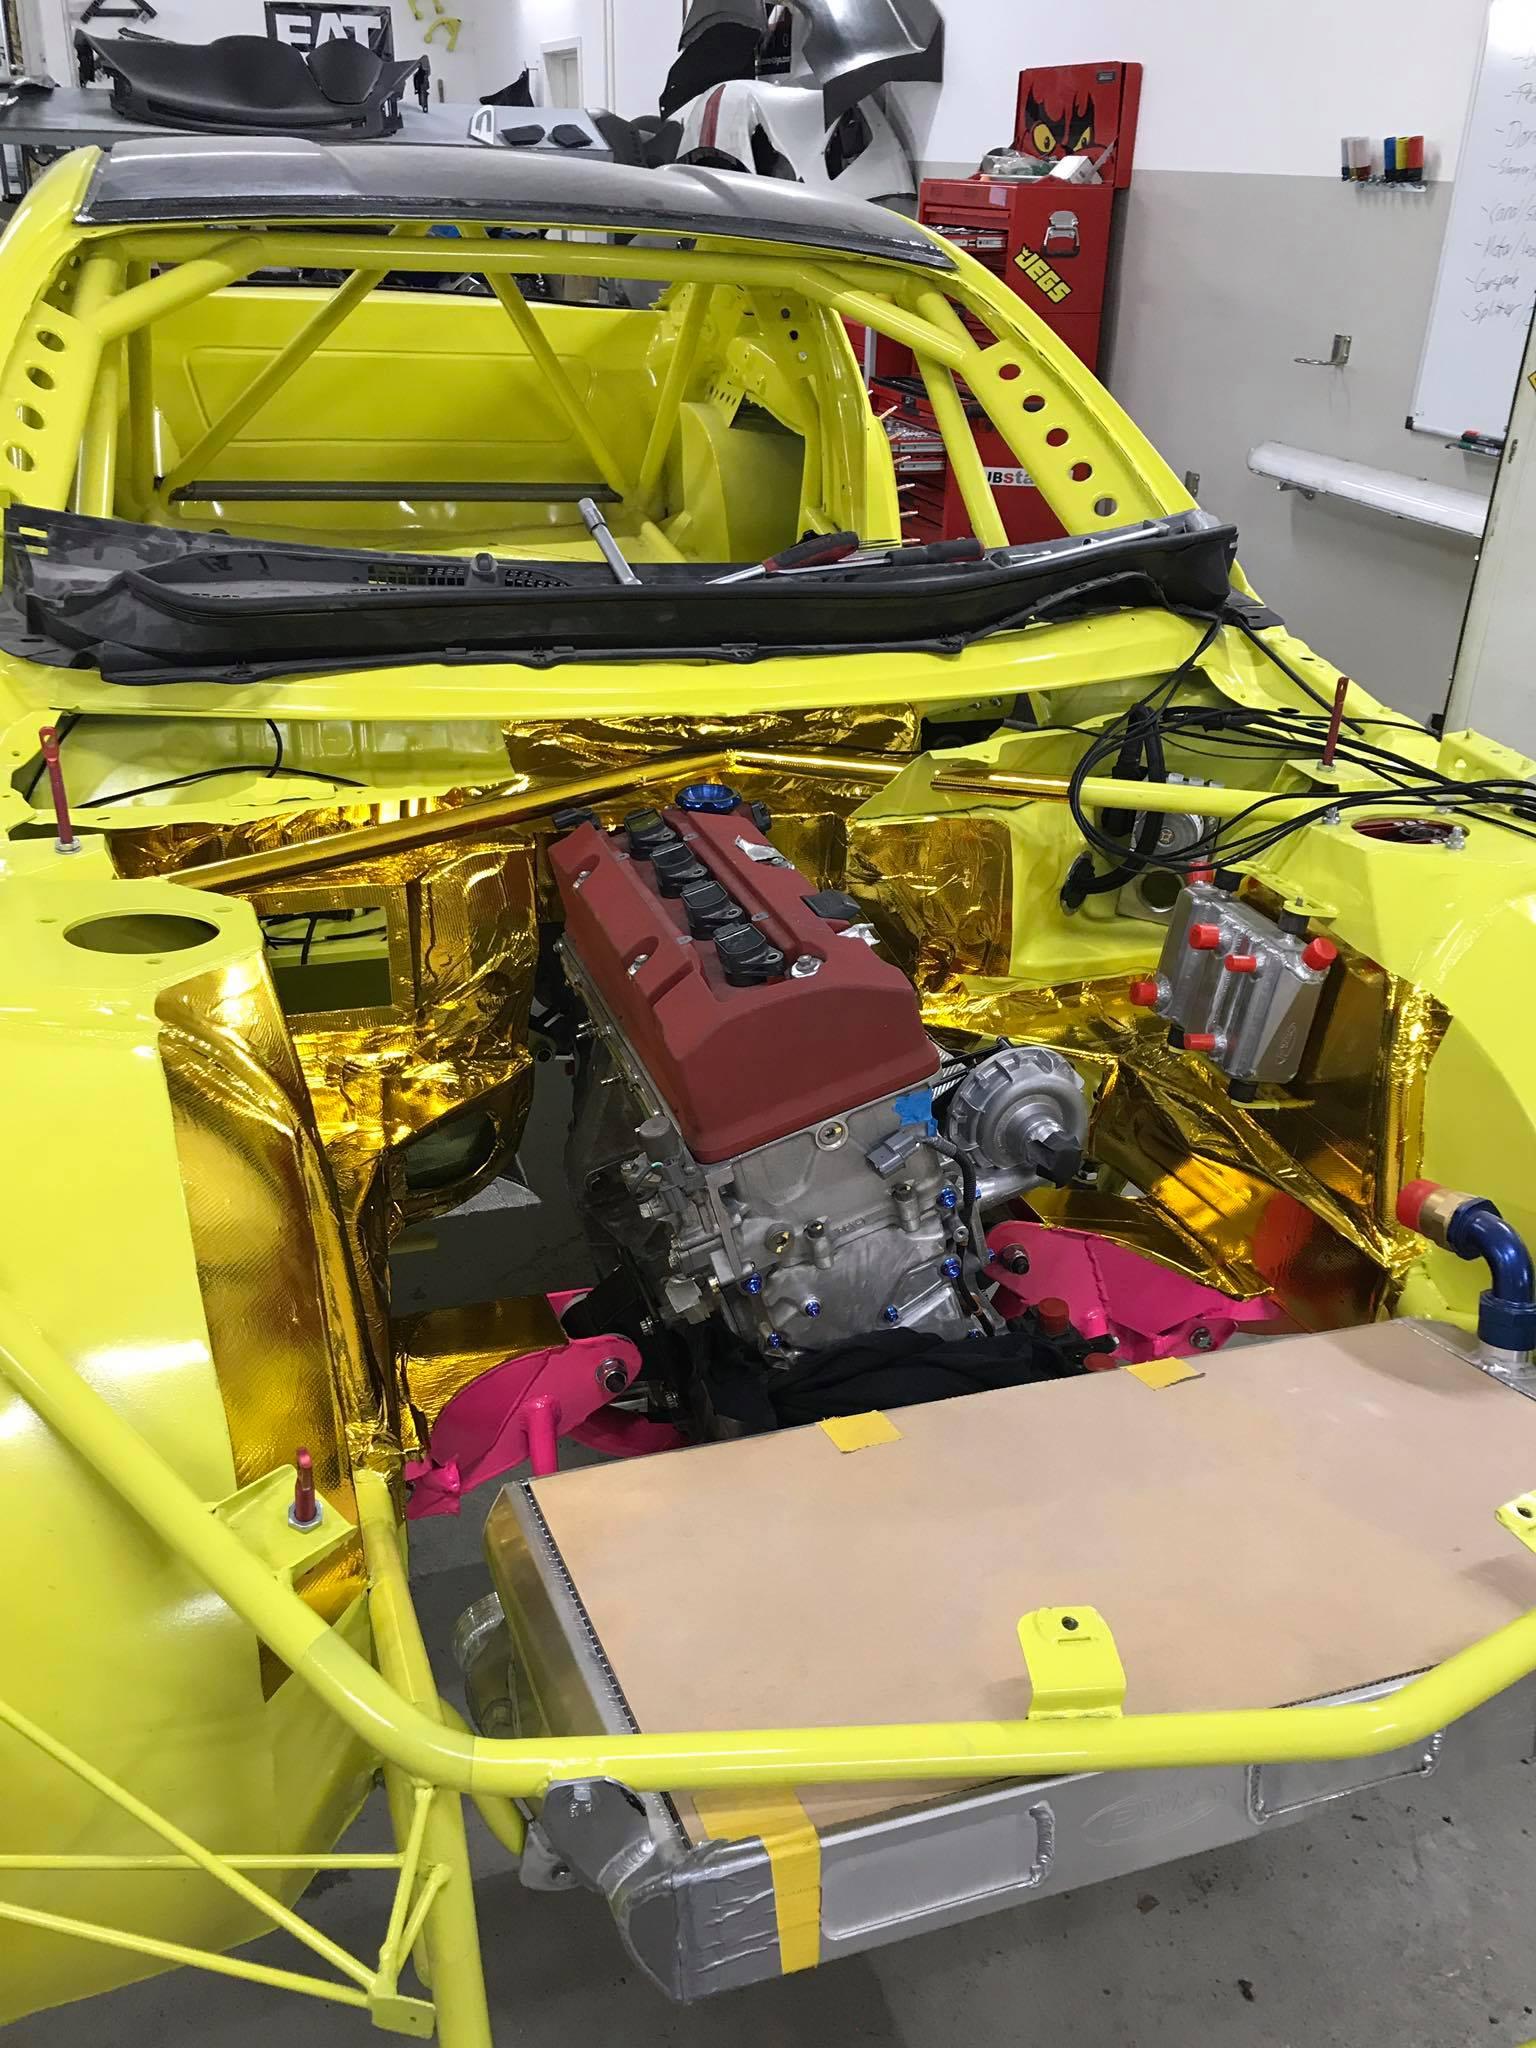 Subaru Brz Turbo >> Subaru BRZ with a Turbo F20 Inline-Four – Engine Swap Depot